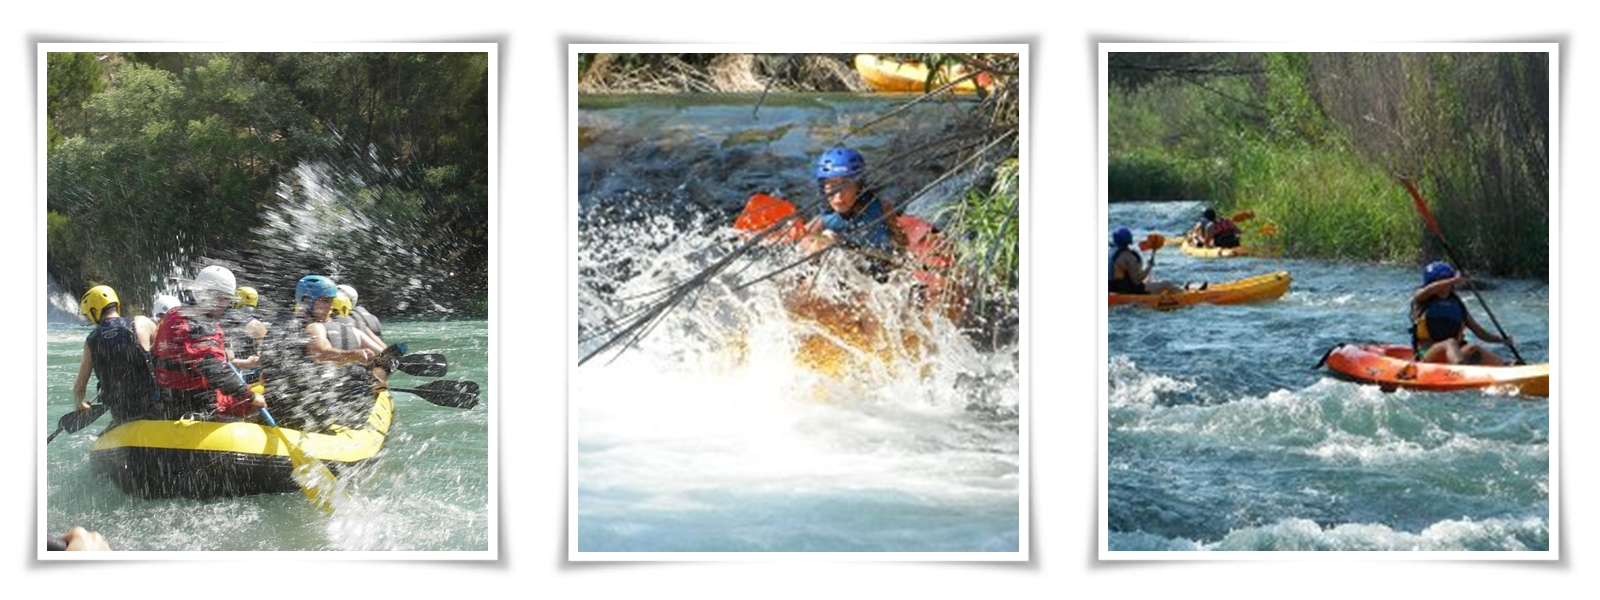 Descenso en canoas y rafting